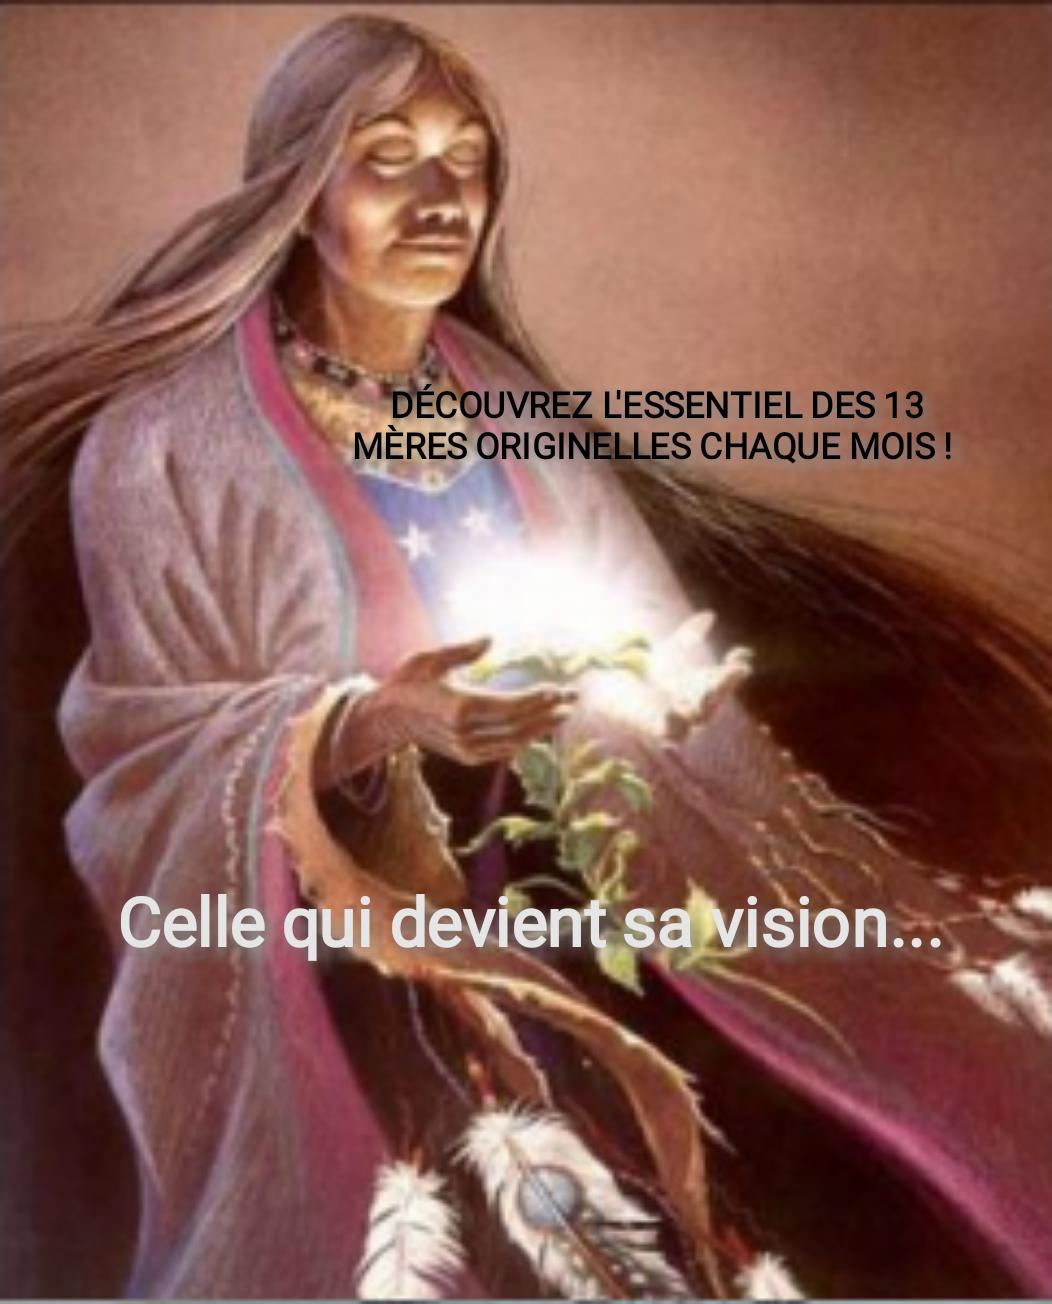 13_meres_originelle_angers_celle_qui_devient_sa_vision_cercle_de_femmes